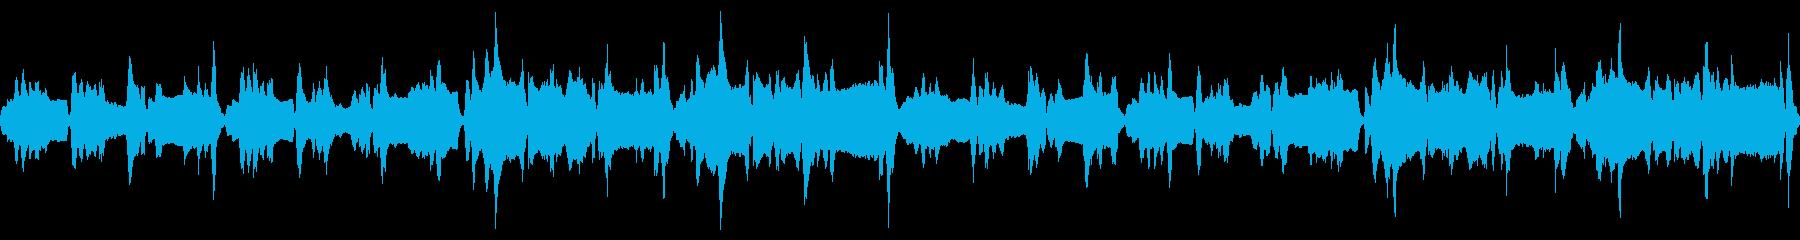 わくわくしながら洞窟を探検・冒険する曲の再生済みの波形